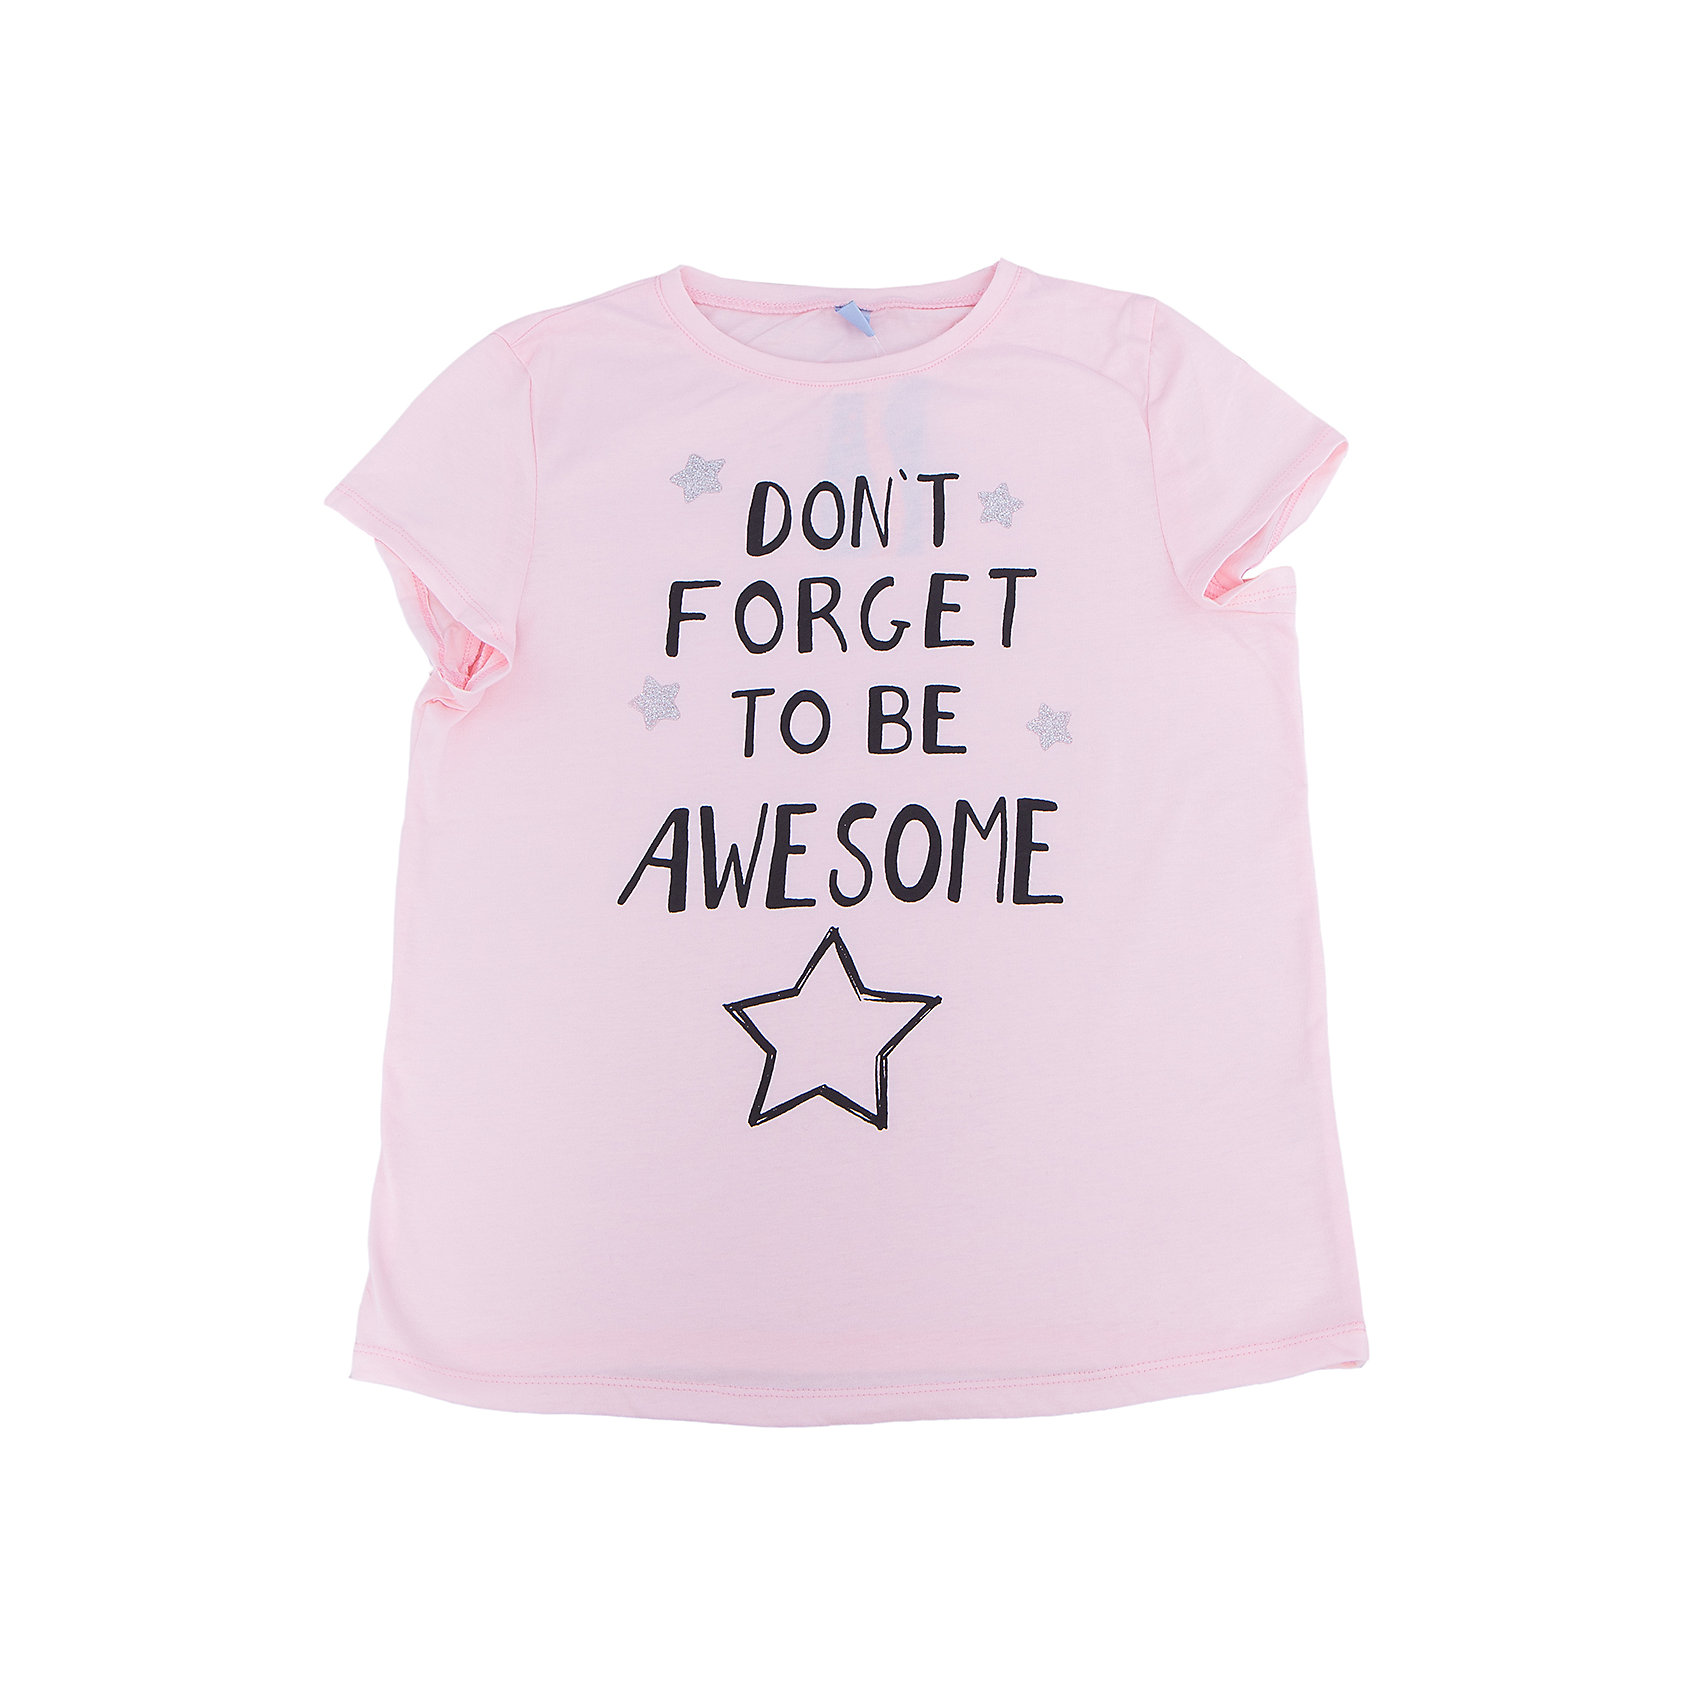 Футболка для девочки DAUBERФутболки, поло и топы<br>Футболка для девочки DAUBER<br><br>Характеристики:<br><br>• Состав: 100%хлопок.<br>• Цвет: розовый.<br>• Материал: трикотаж.<br><br>Футболка для девочки от российского бренда DAUBER.<br>Модная футболка розового цвета выполнена из хлопкового трикотажа. Оригинальный контрастный черный принт не оставит равнодушной вашу малышку. Натуральный хлопок в составе изделия делает его дышащим, приятным на ощупь и гипоаллергенным. Мягкая обтачка на горловине не вызовет трудностей при надевании. В такой футболке ваша девочка будет чувствовать себя комфортно и уютно.<br><br>Футболка для девочки DAUBER, можно купить в нашем интернет - магазине.<br><br>Ширина мм: 199<br>Глубина мм: 10<br>Высота мм: 161<br>Вес г: 151<br>Цвет: розовый<br>Возраст от месяцев: 132<br>Возраст до месяцев: 144<br>Пол: Женский<br>Возраст: Детский<br>Размер: 152,128,134,140,146<br>SKU: 4953434